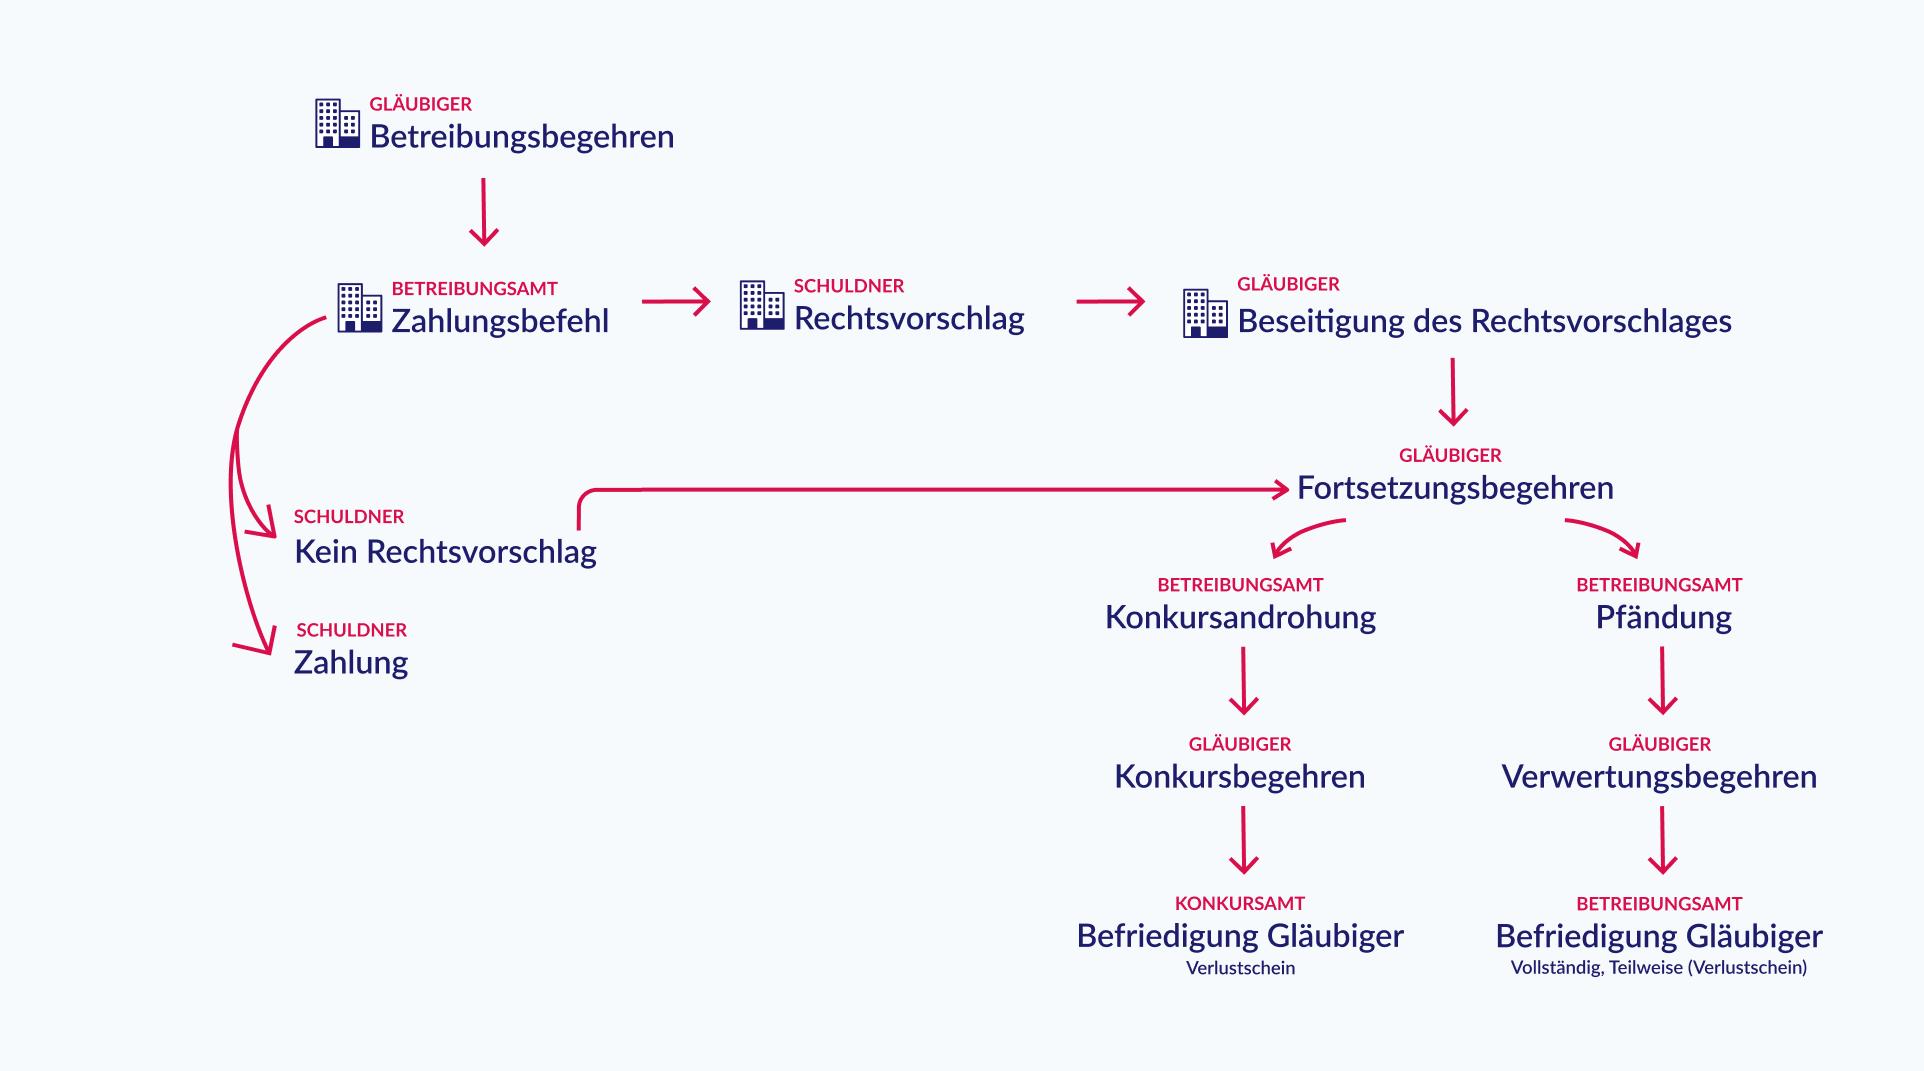 Betreibungsverfahren Ablauf Scheme blau